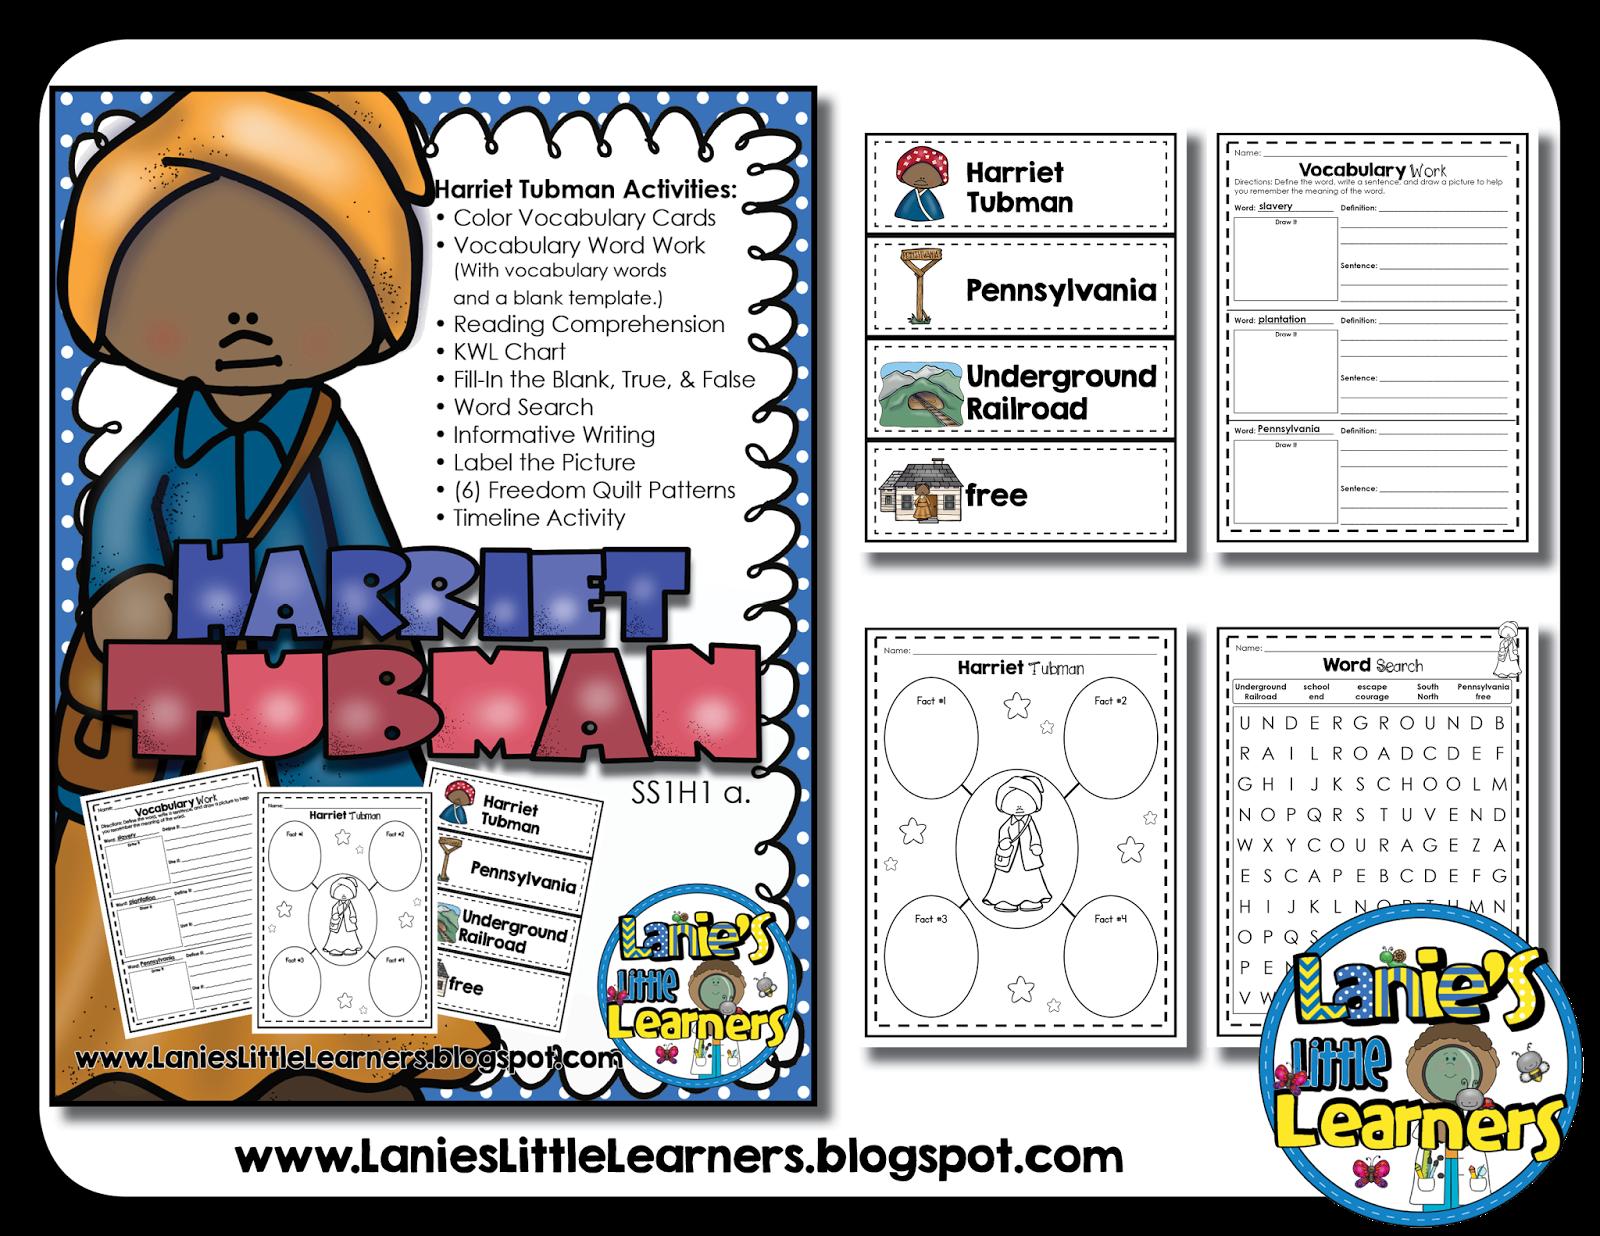 Lanie's Little Learners: 2016 [ 1236 x 1600 Pixel ]